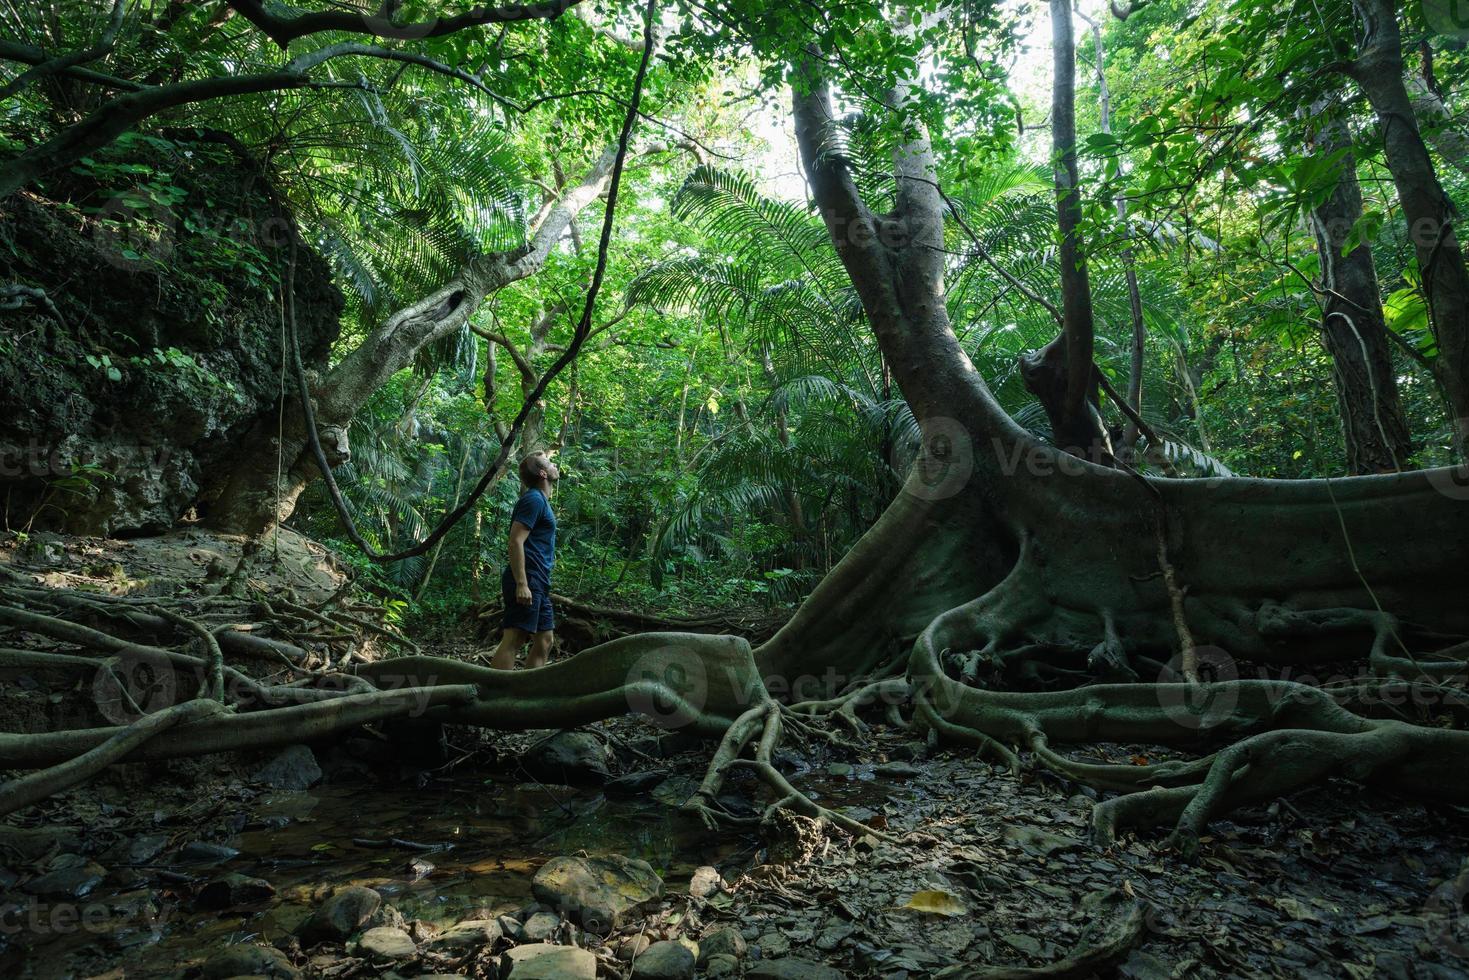 Hombre explorando la selva tropical con enorme árbol viejo foto